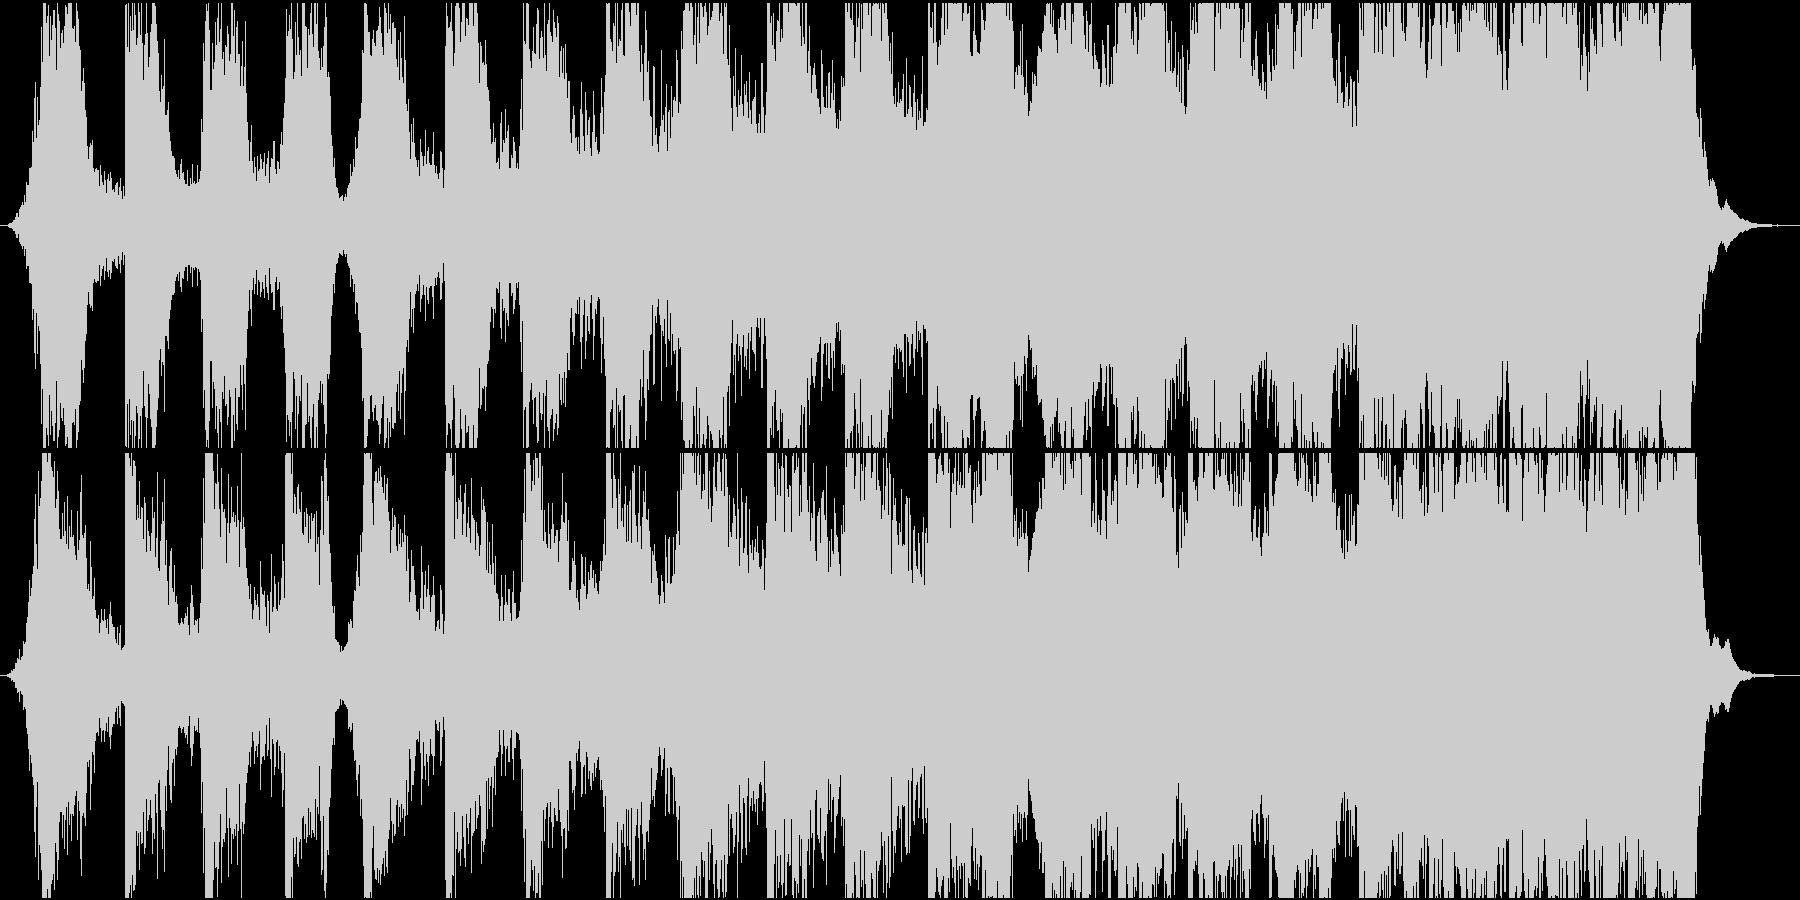 迫力ある映画のティーザー風楽曲の未再生の波形